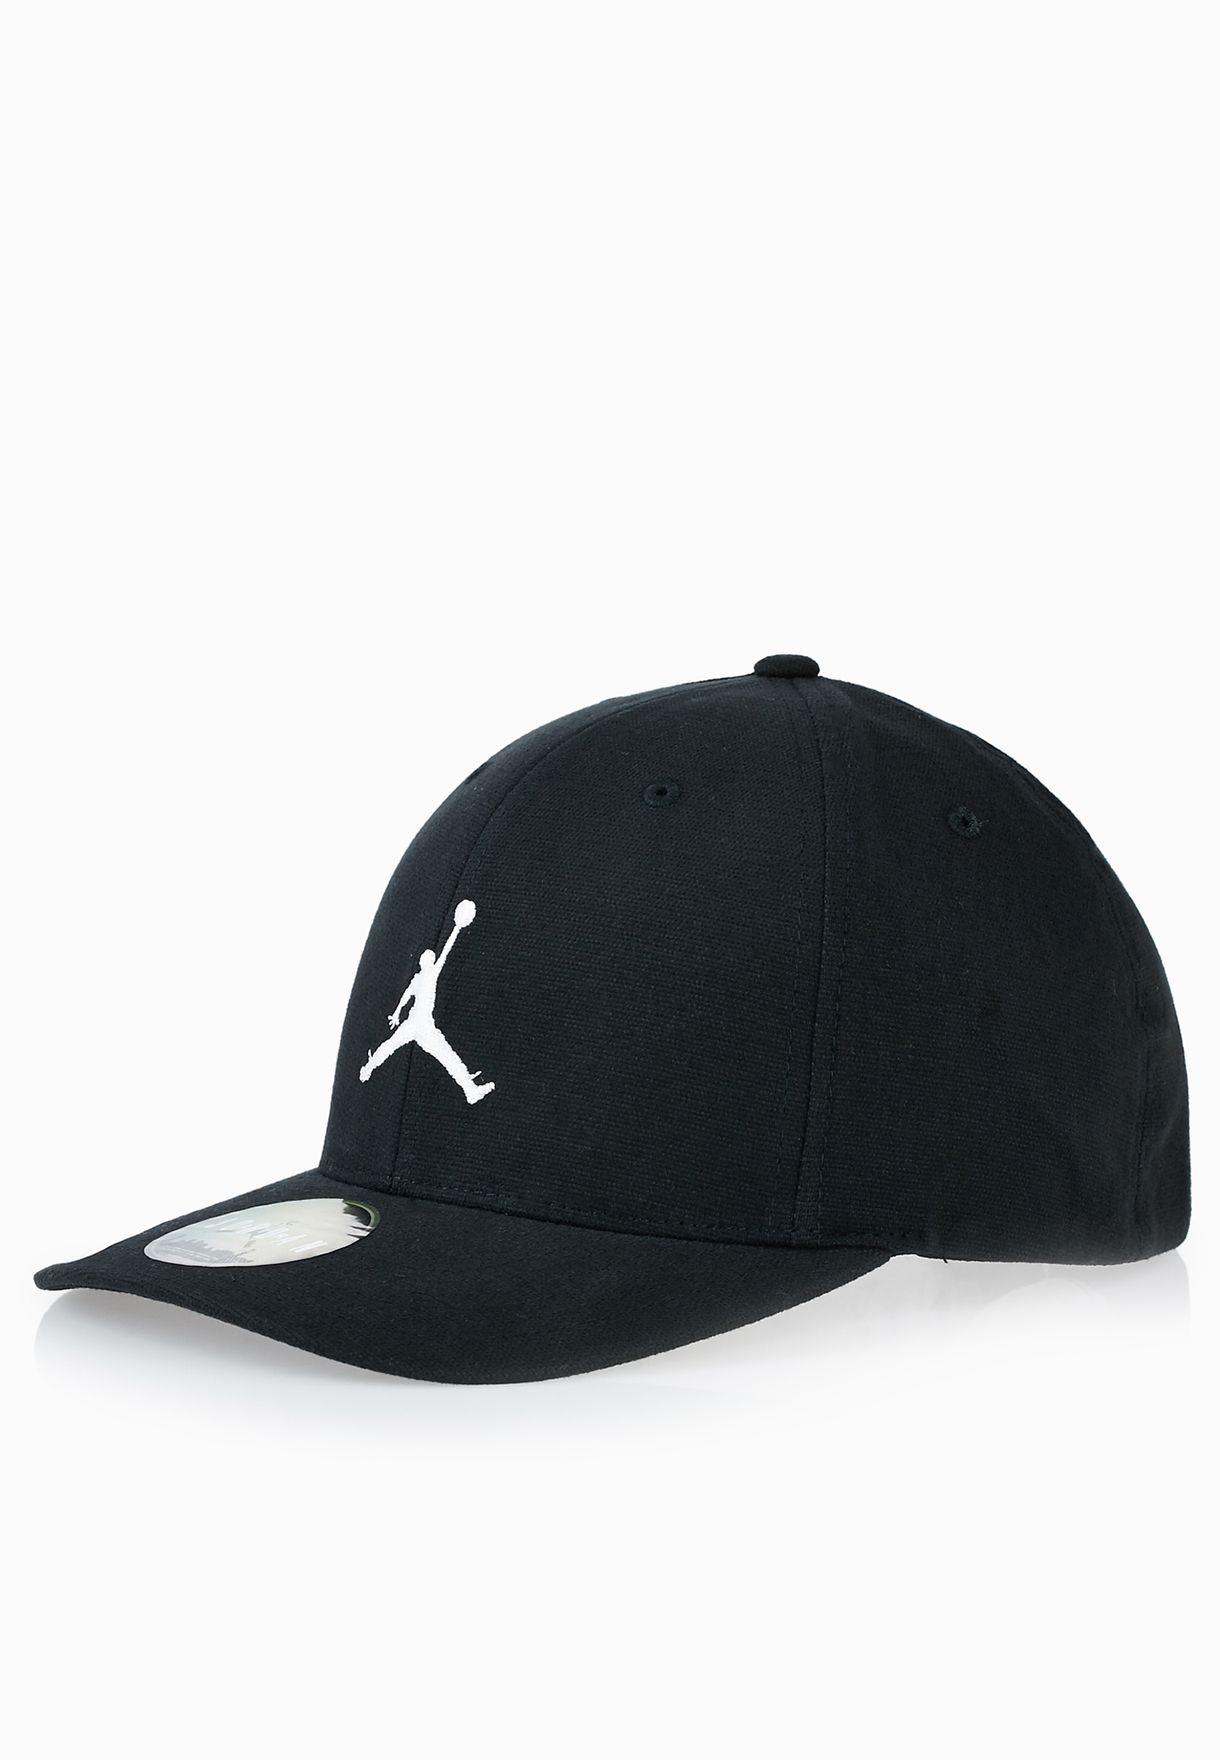 8849fe57dc7 ... coupon for shop nike black jordan flex fit cap 606365 014 for men in  oman ni727ac06ciz